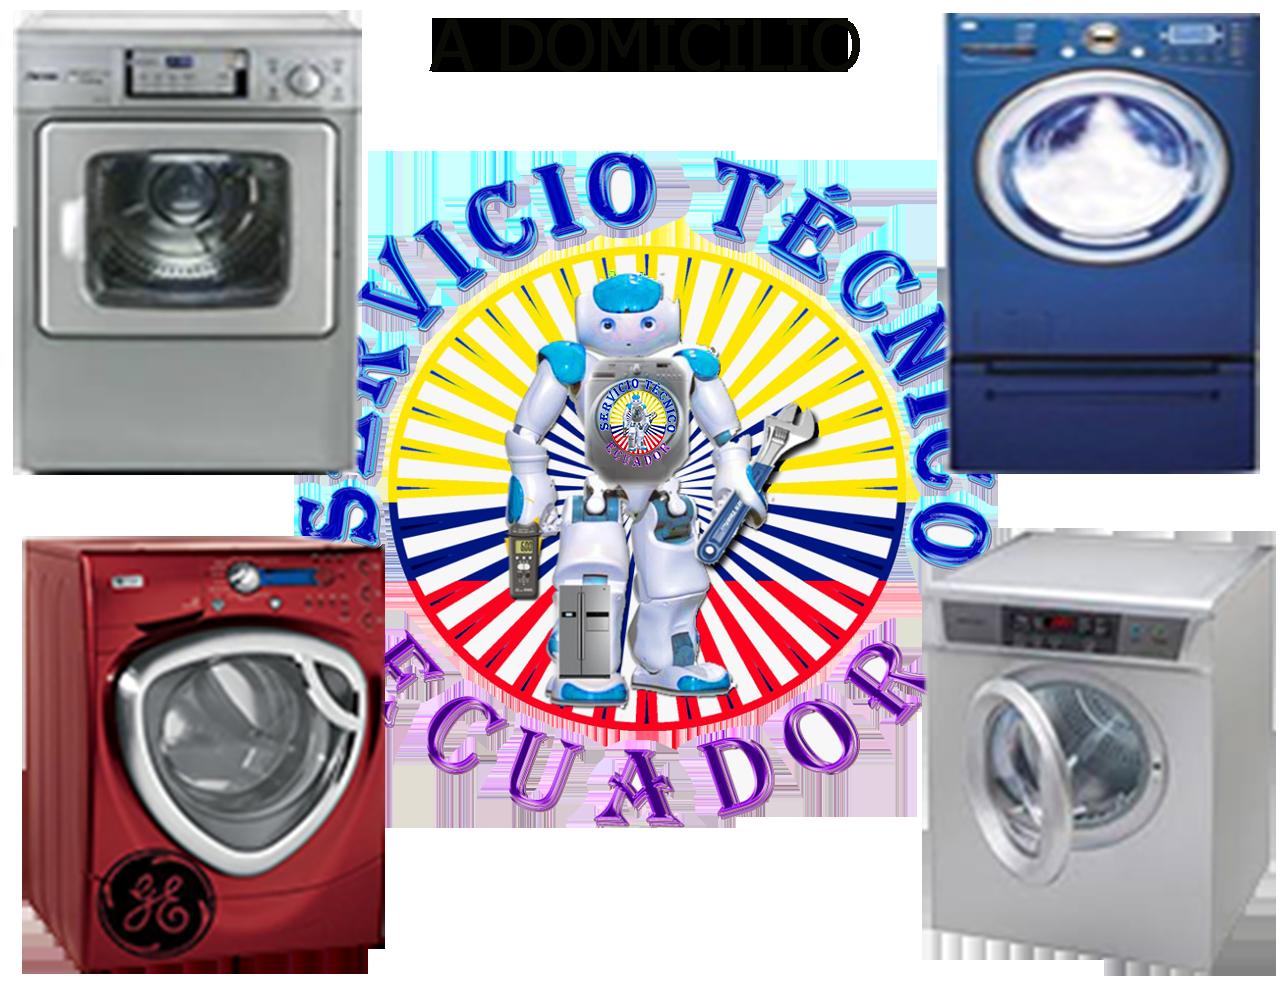 reparacion de lavadoras whirlpool en Quito 099-505-7175